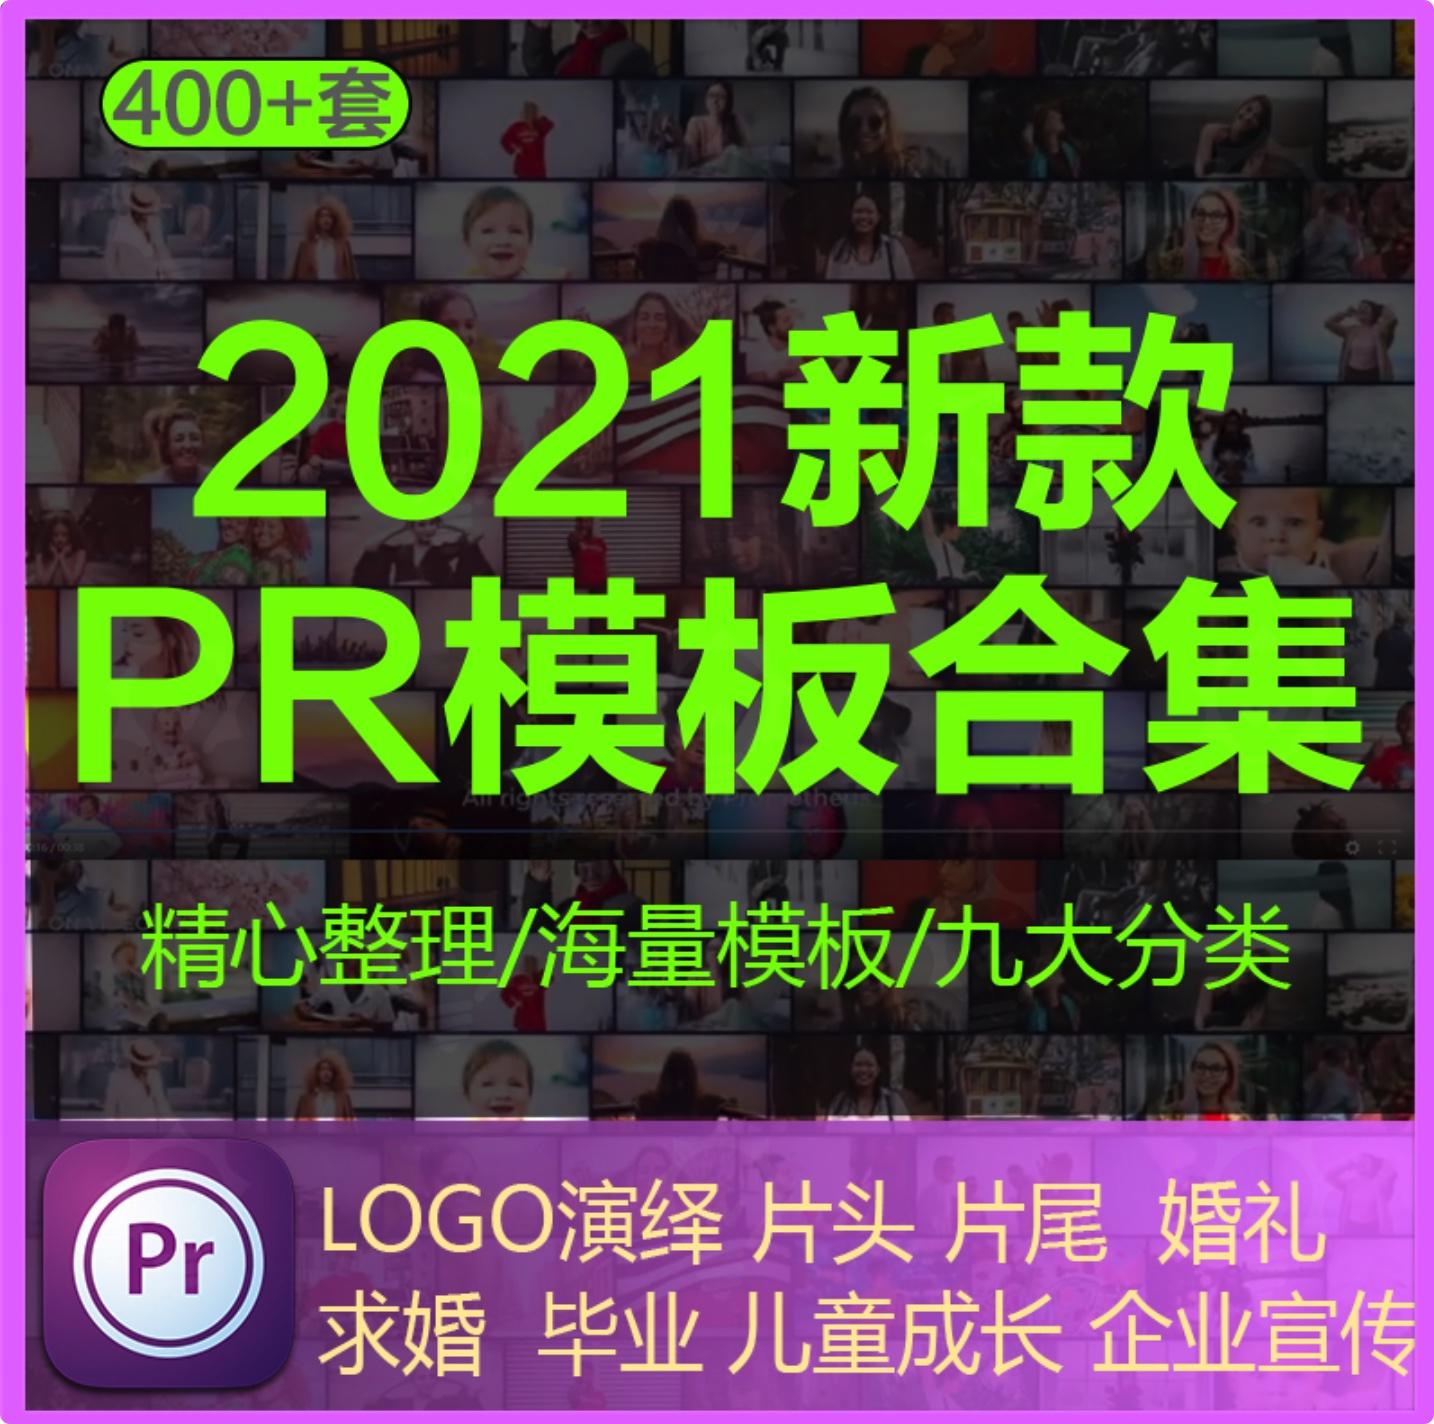 如何秒出酷炫大片?2021全新高级PR模板大合集下载